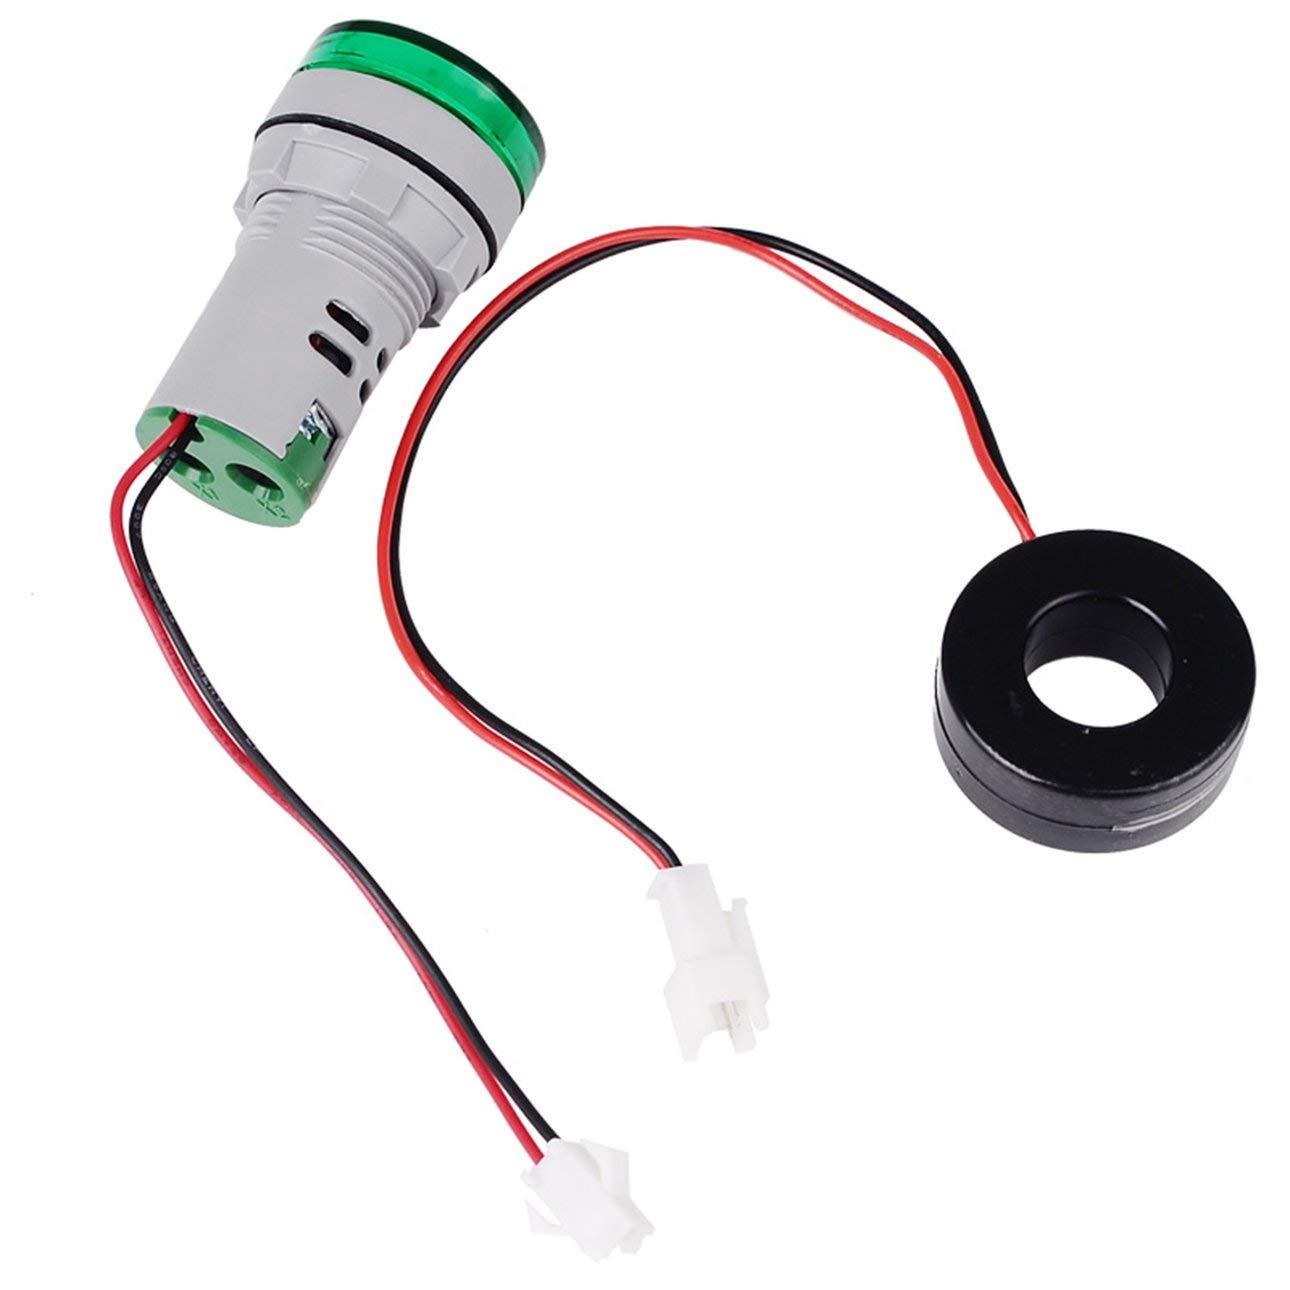 Pudincoco SINOTIMER 22mm Ronde LED Diaplay 0-100A AC Indicateur de Courant Voyant Lumi/ère Signal Lumi/ère Amp/èrem/ètre Testeur Amperm/ètre Moniteur